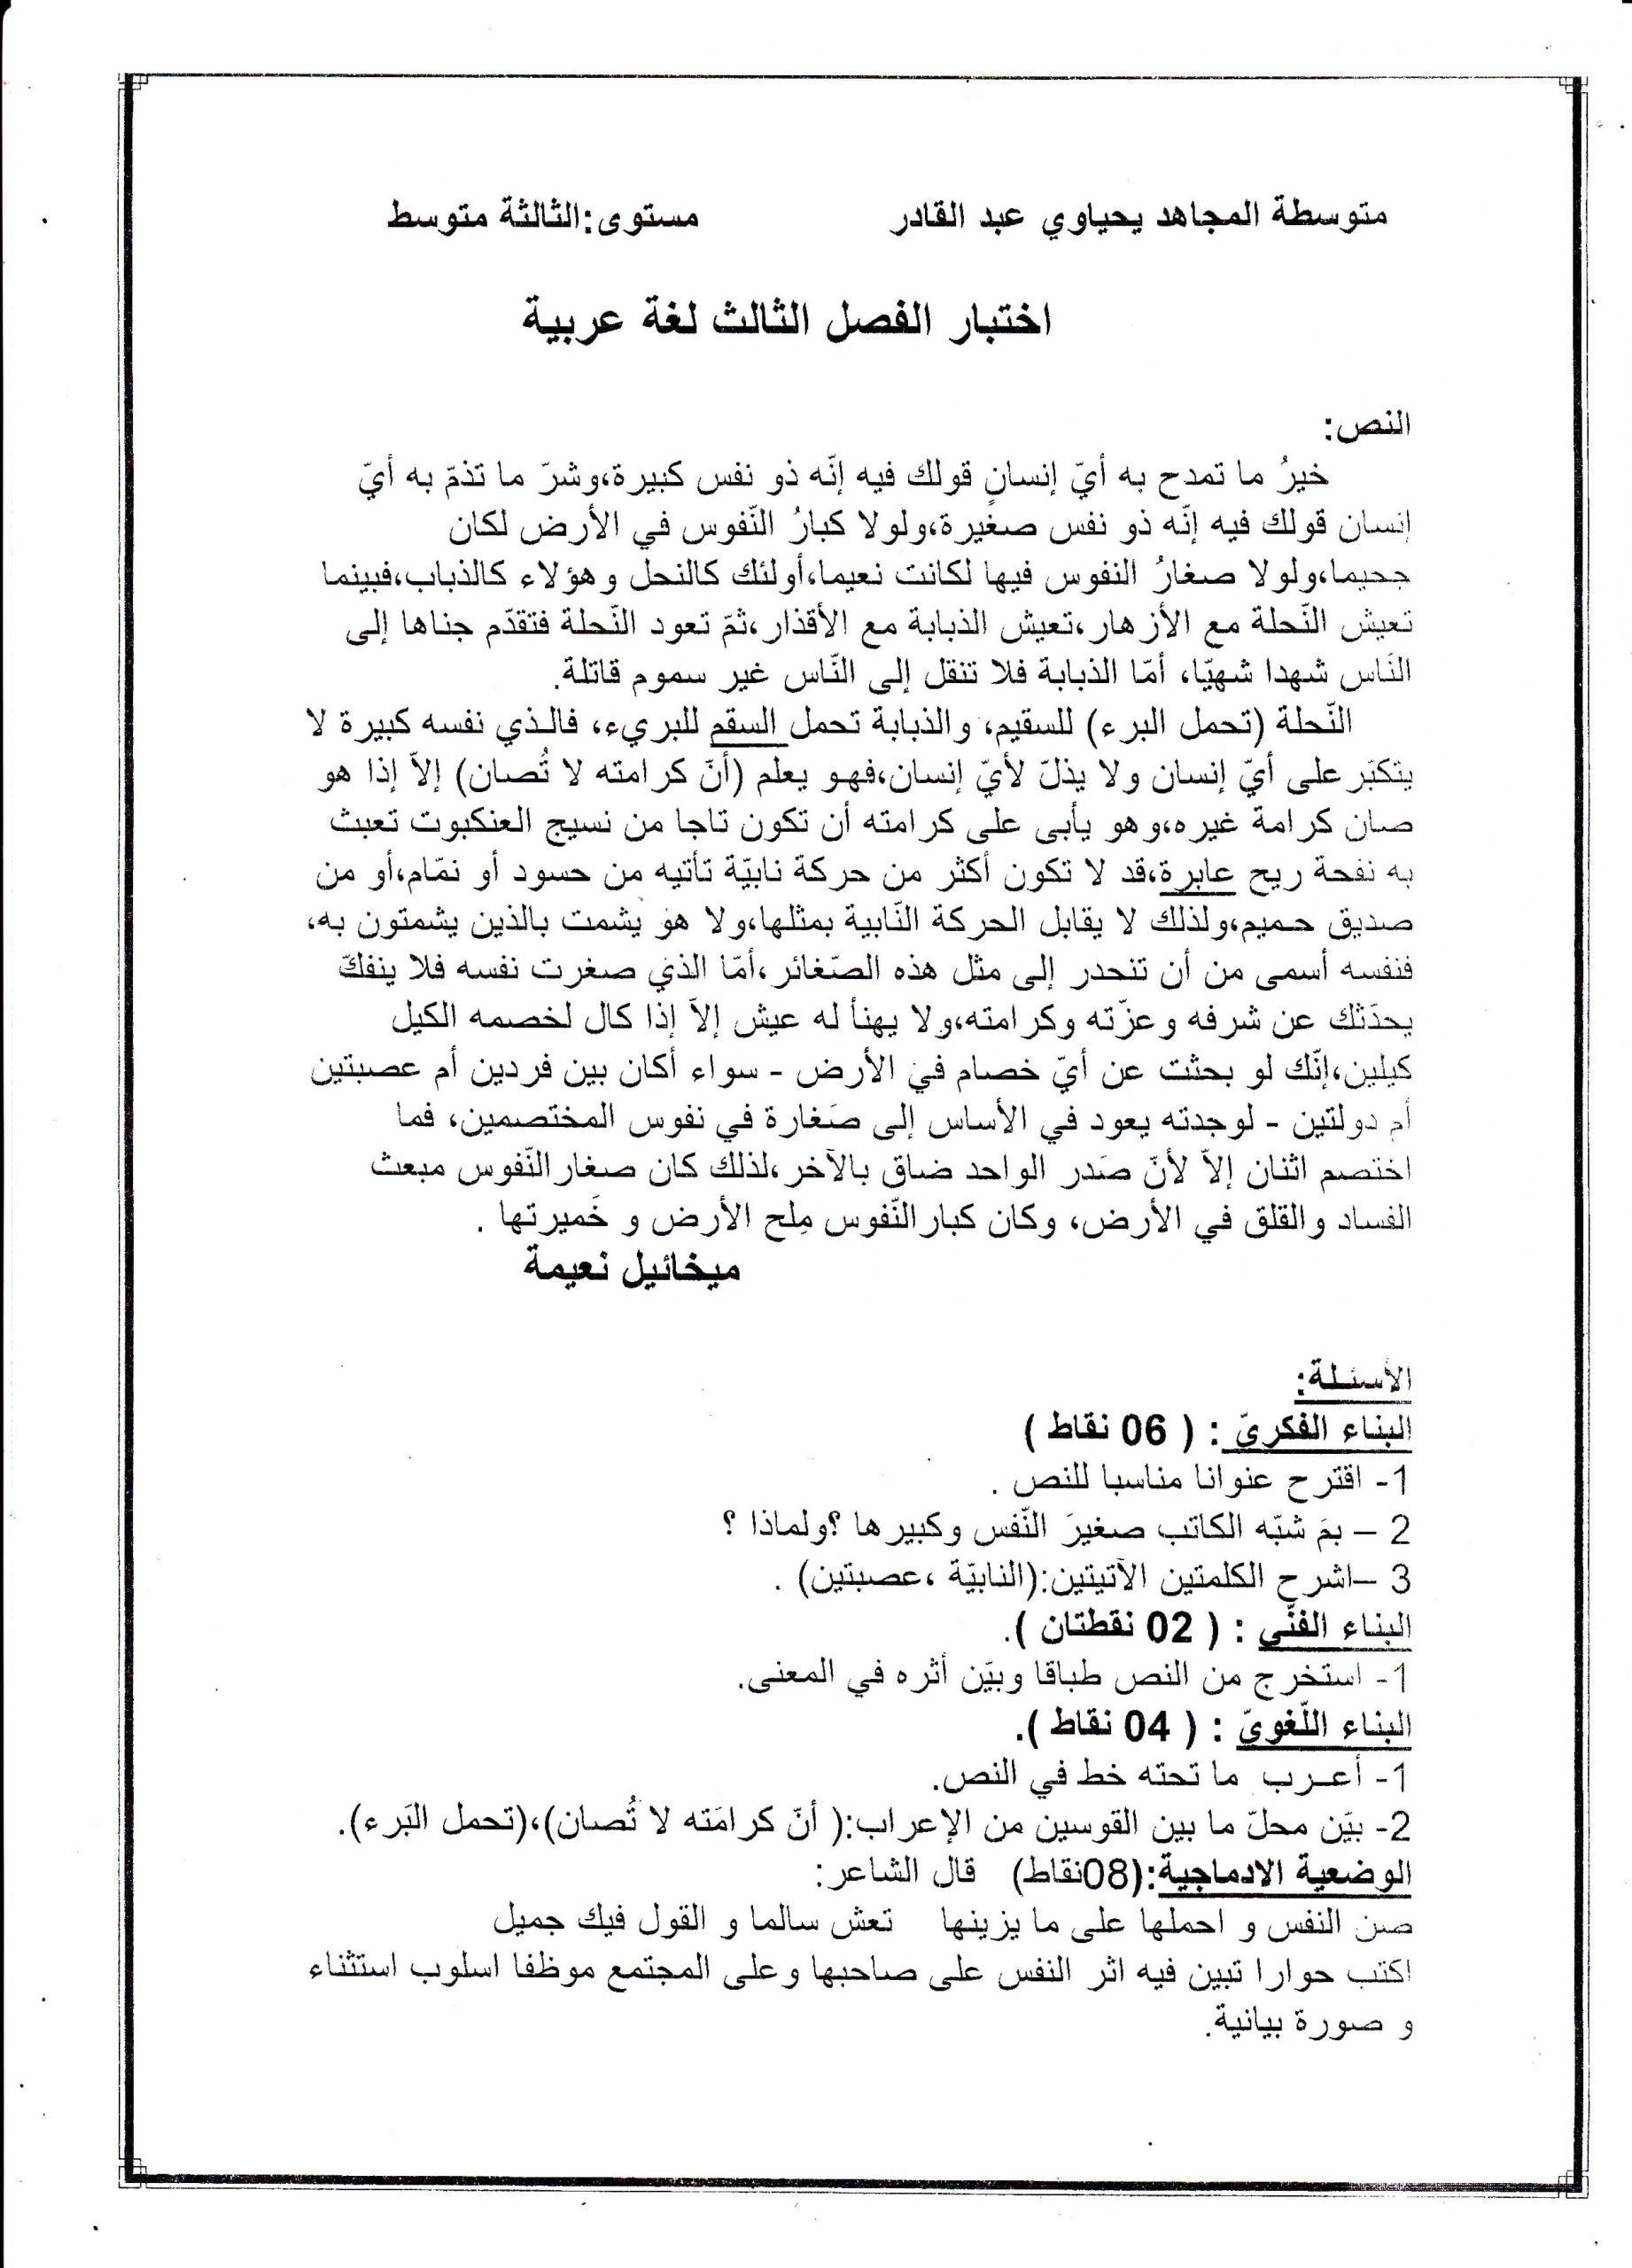 اختبار الفصل الثالث في اللغة العربية السنة الثالثة متوسط | الموضوع 02